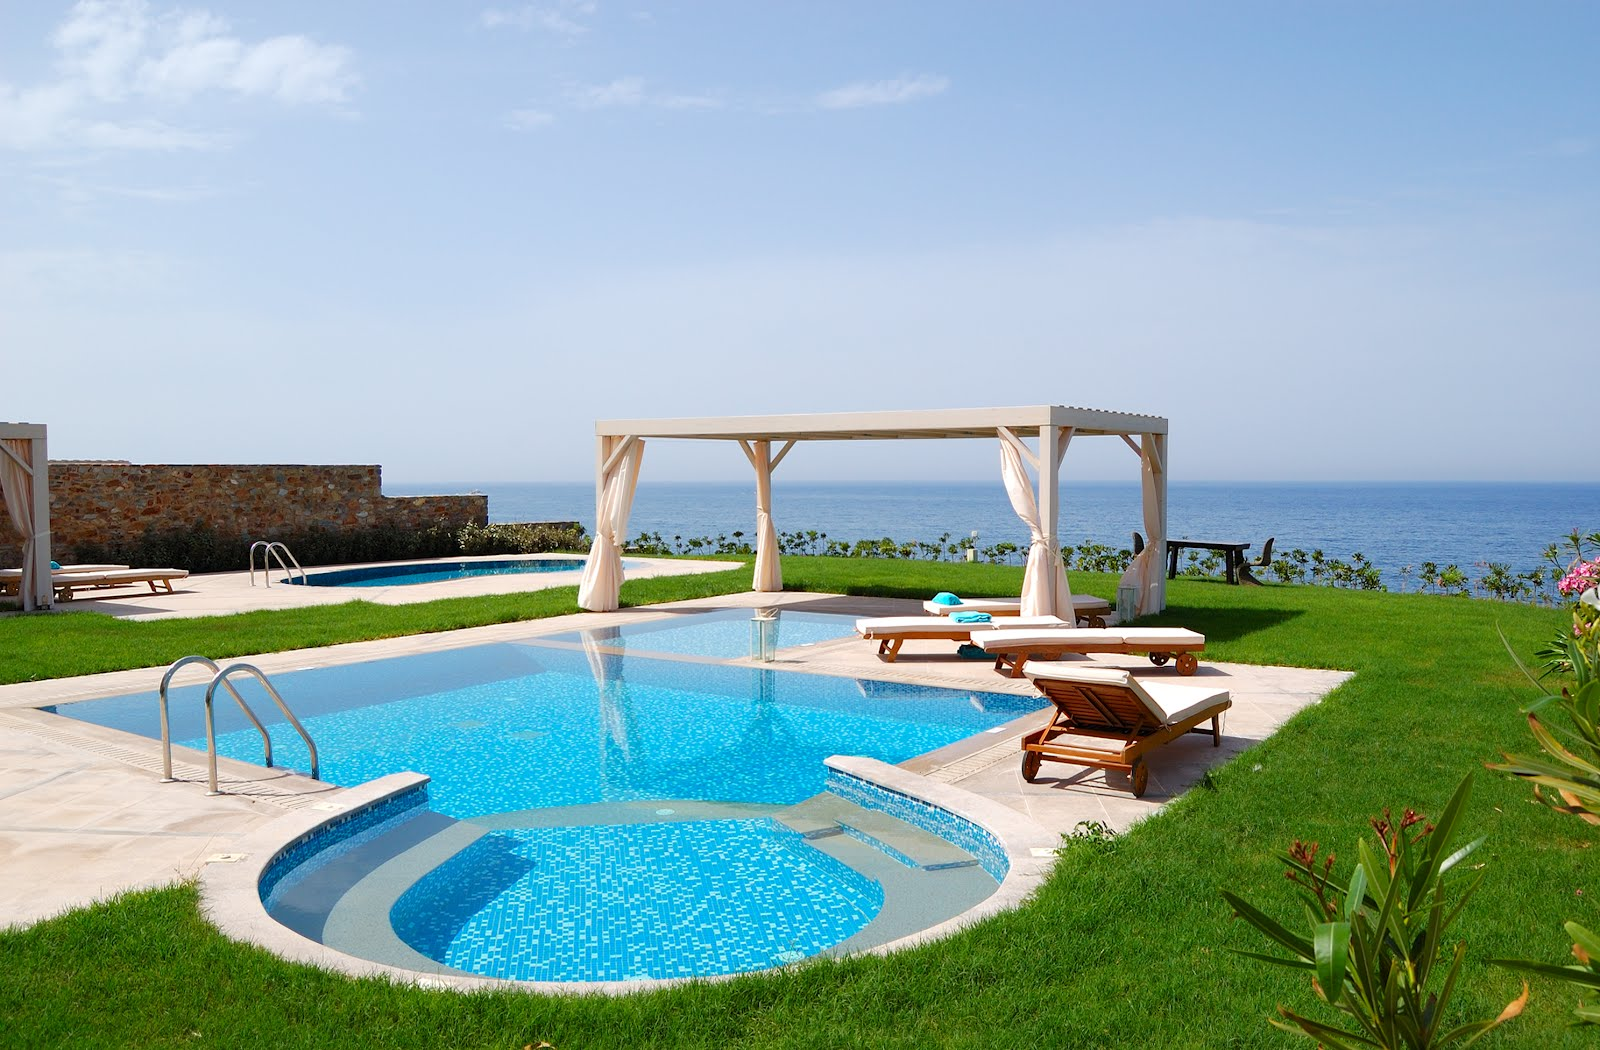 Lugares y centros tur sticos para visitar piscinas mas for W piscinas